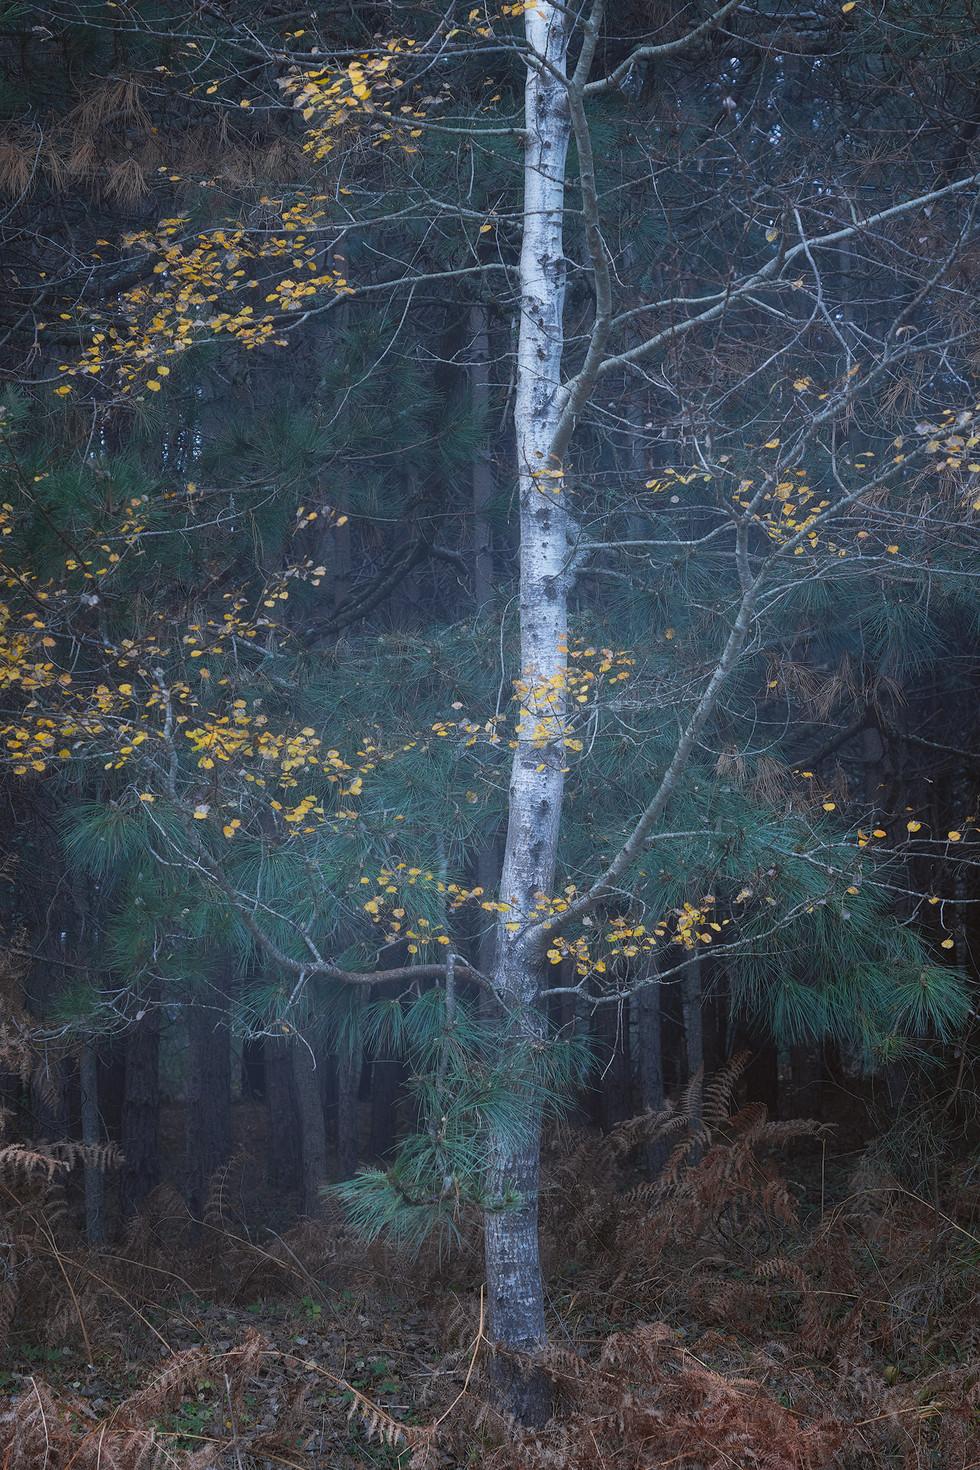 Autumn153